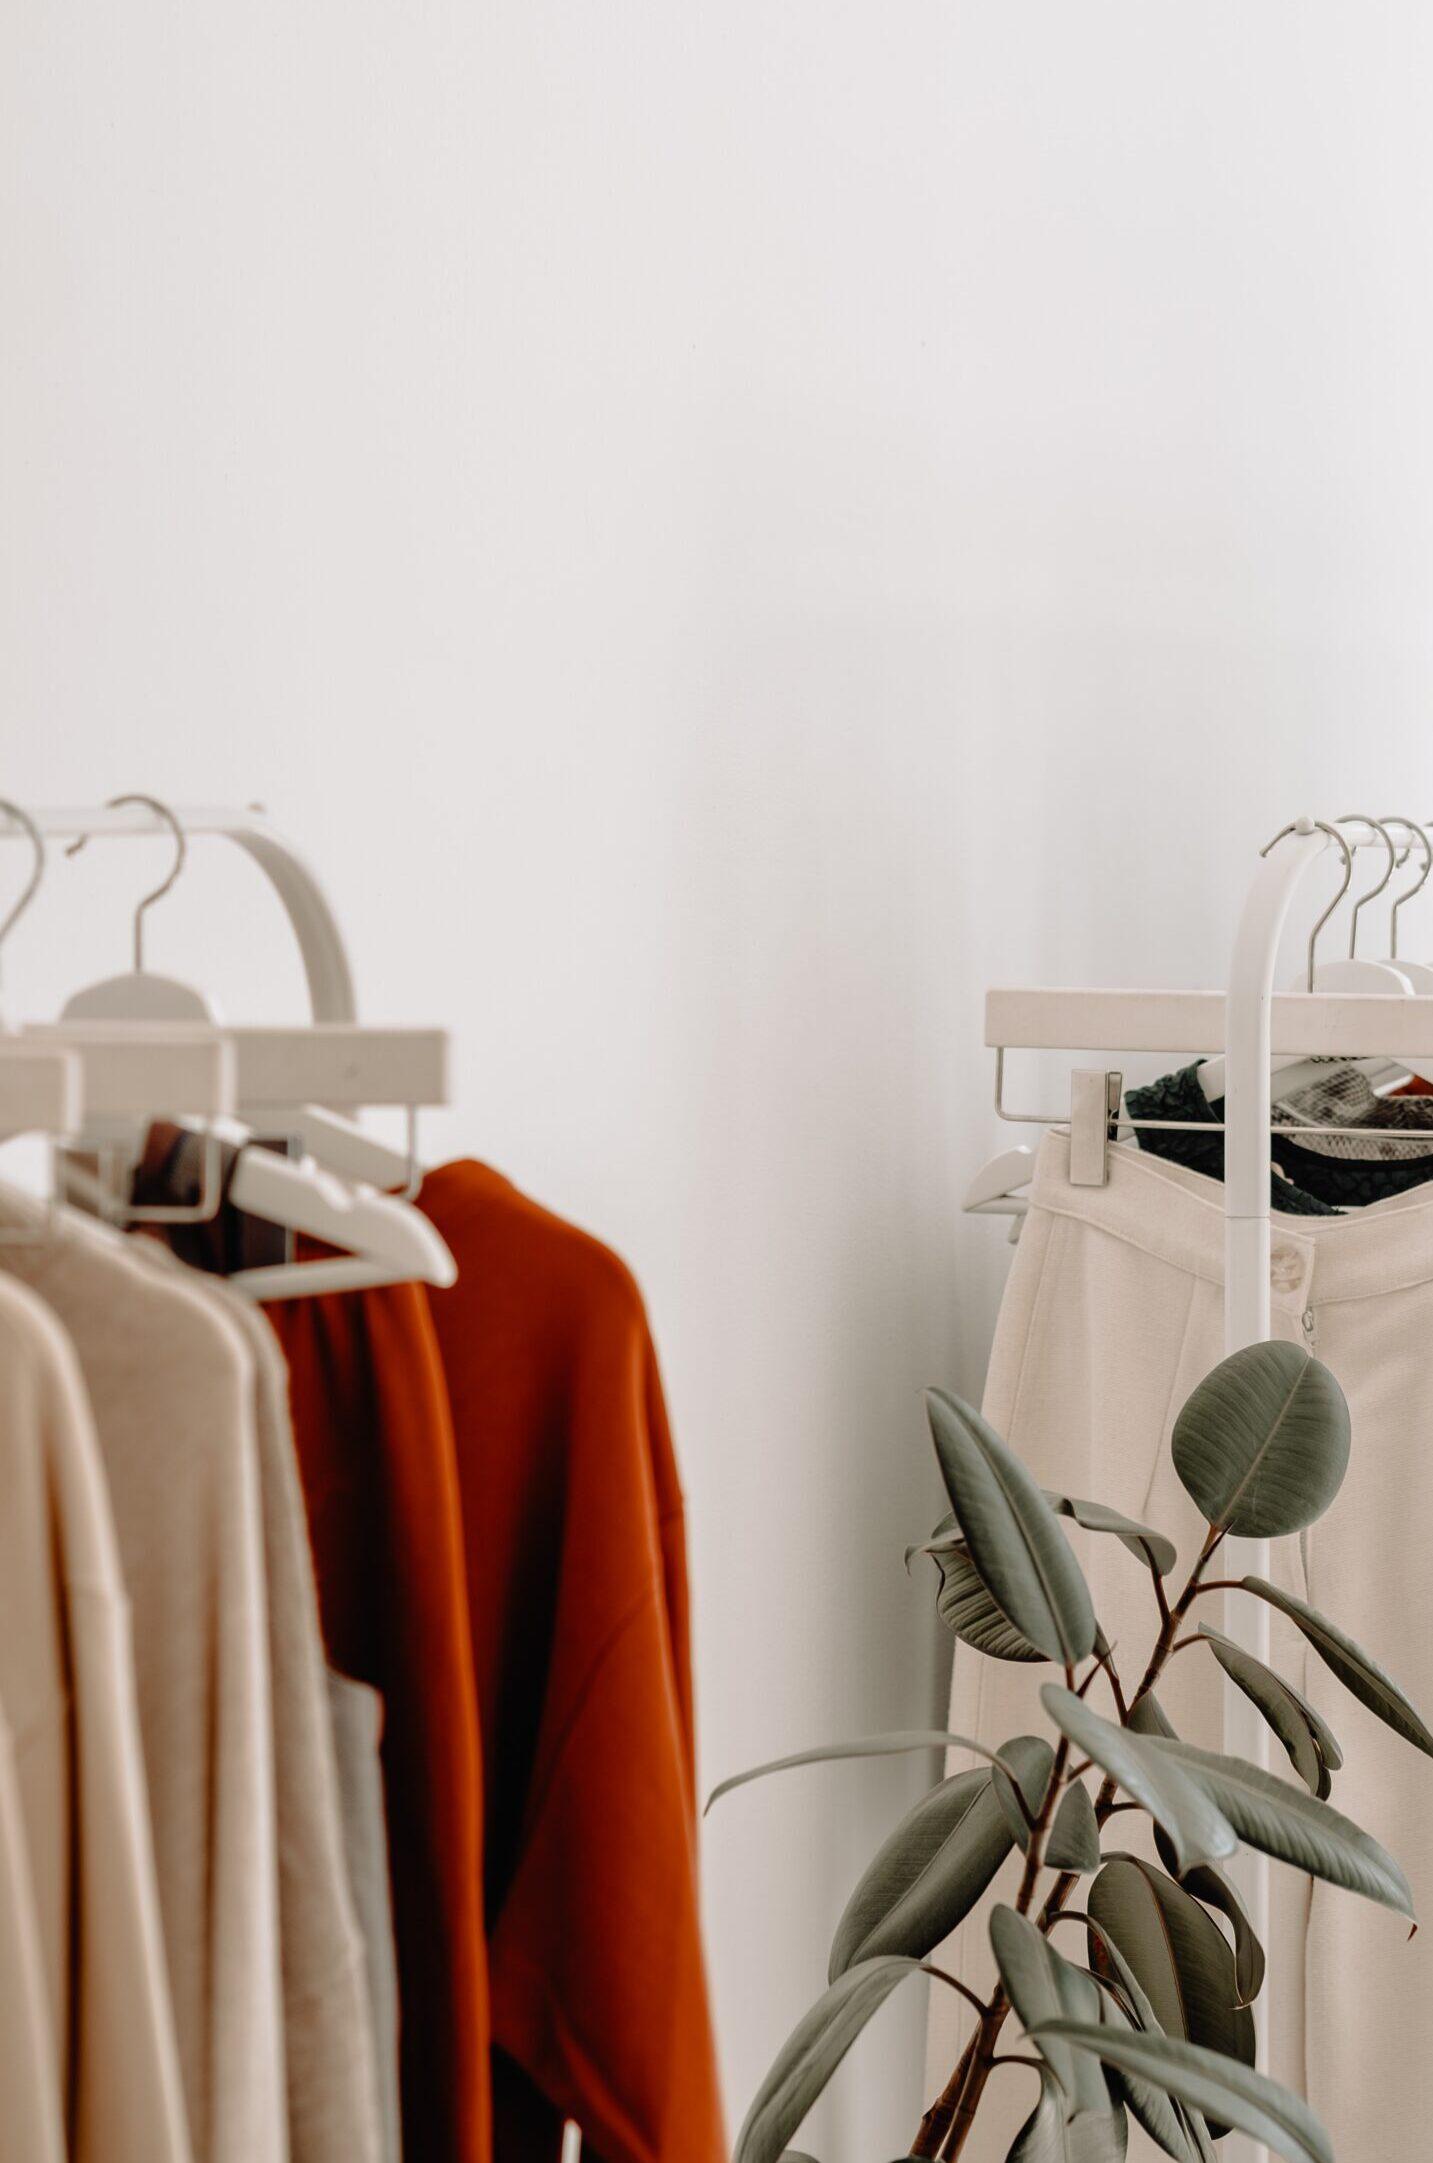 Jak kupować ubrania, żeby być fair i nie zwariować?